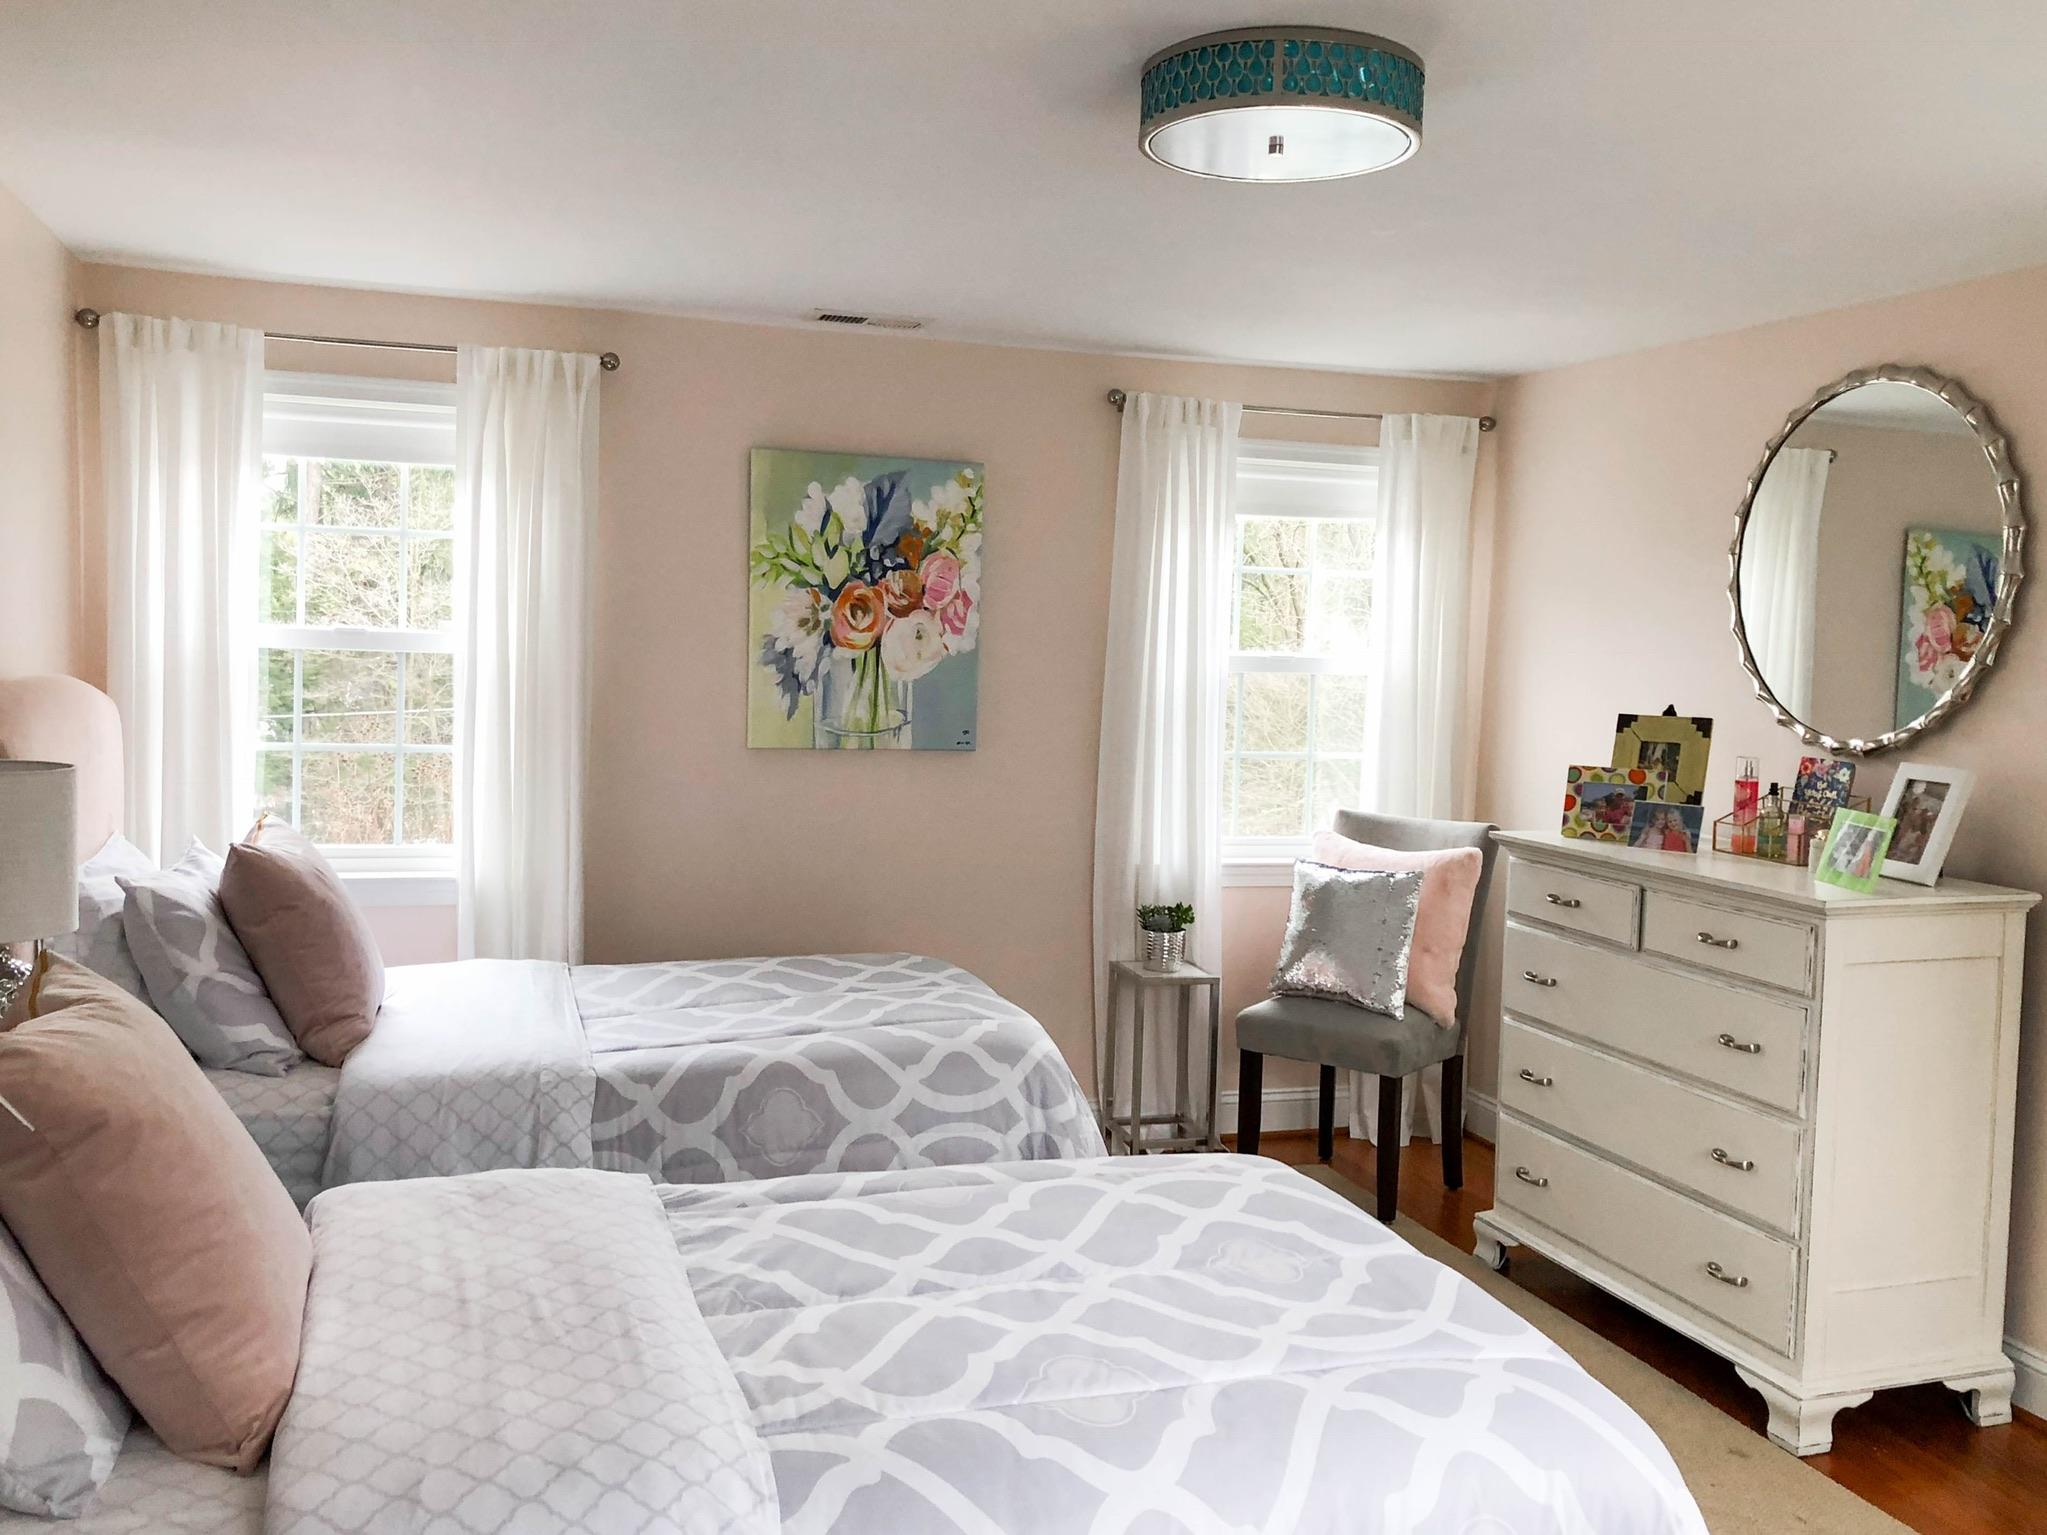 Megan's Room - INTERIOR DESIGN